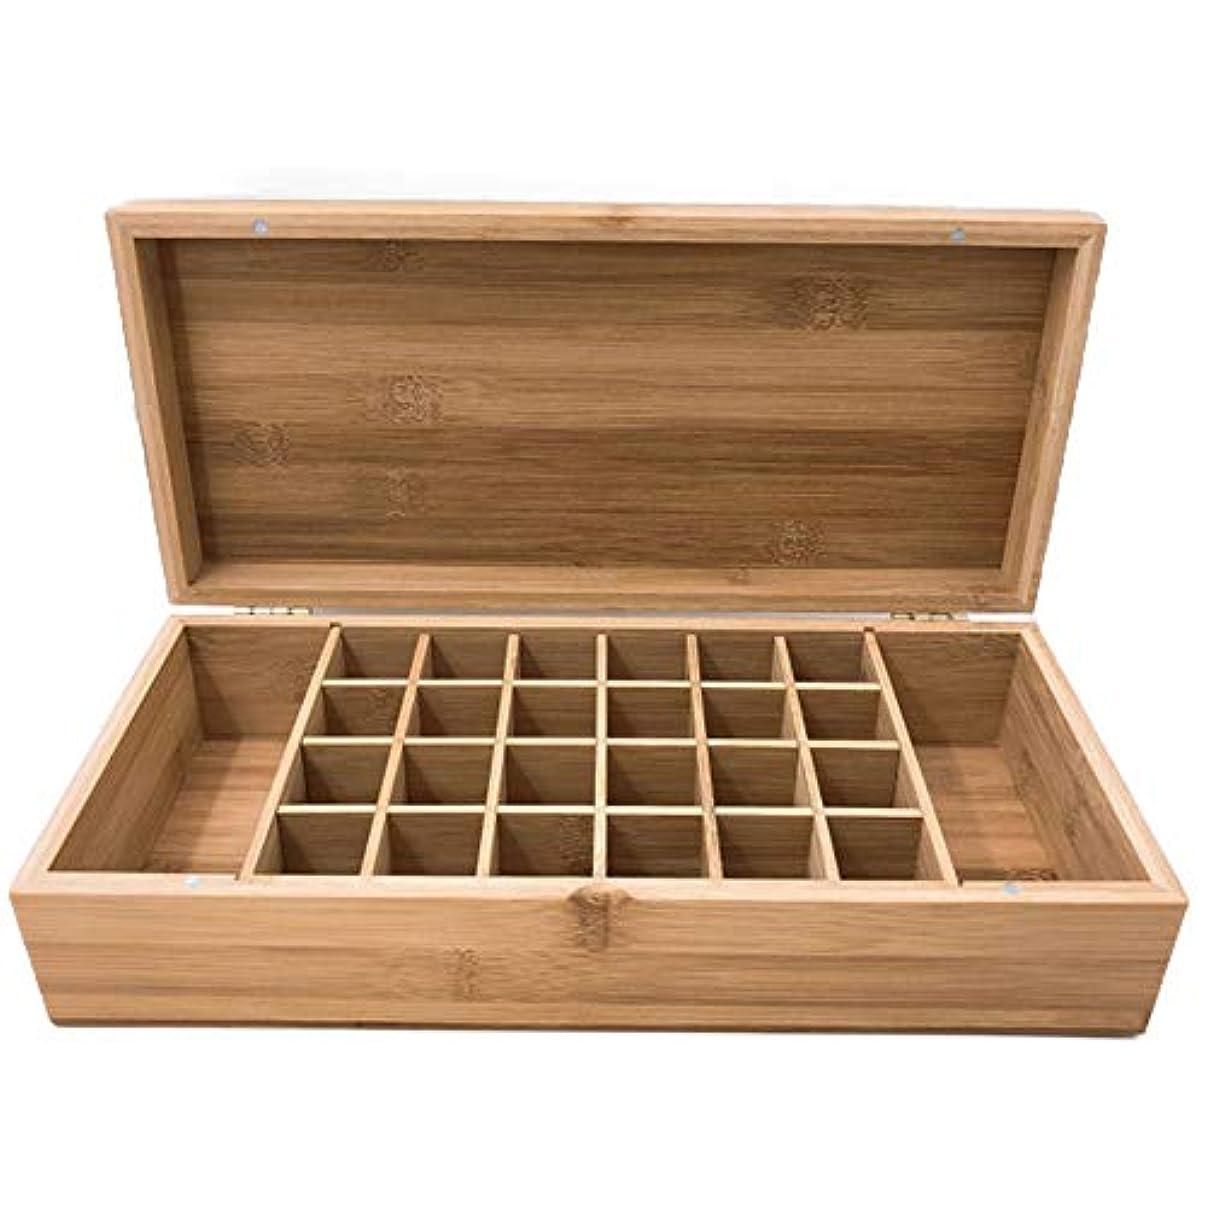 外観アーサーデッドロックエッセンシャルオイルの保管 アロマセラピー油ボトル用エッセンシャルオイルストレージボックス26スロットは木製主催キャリングケース (色 : Natural, サイズ : 33.5X15X8.3CM)